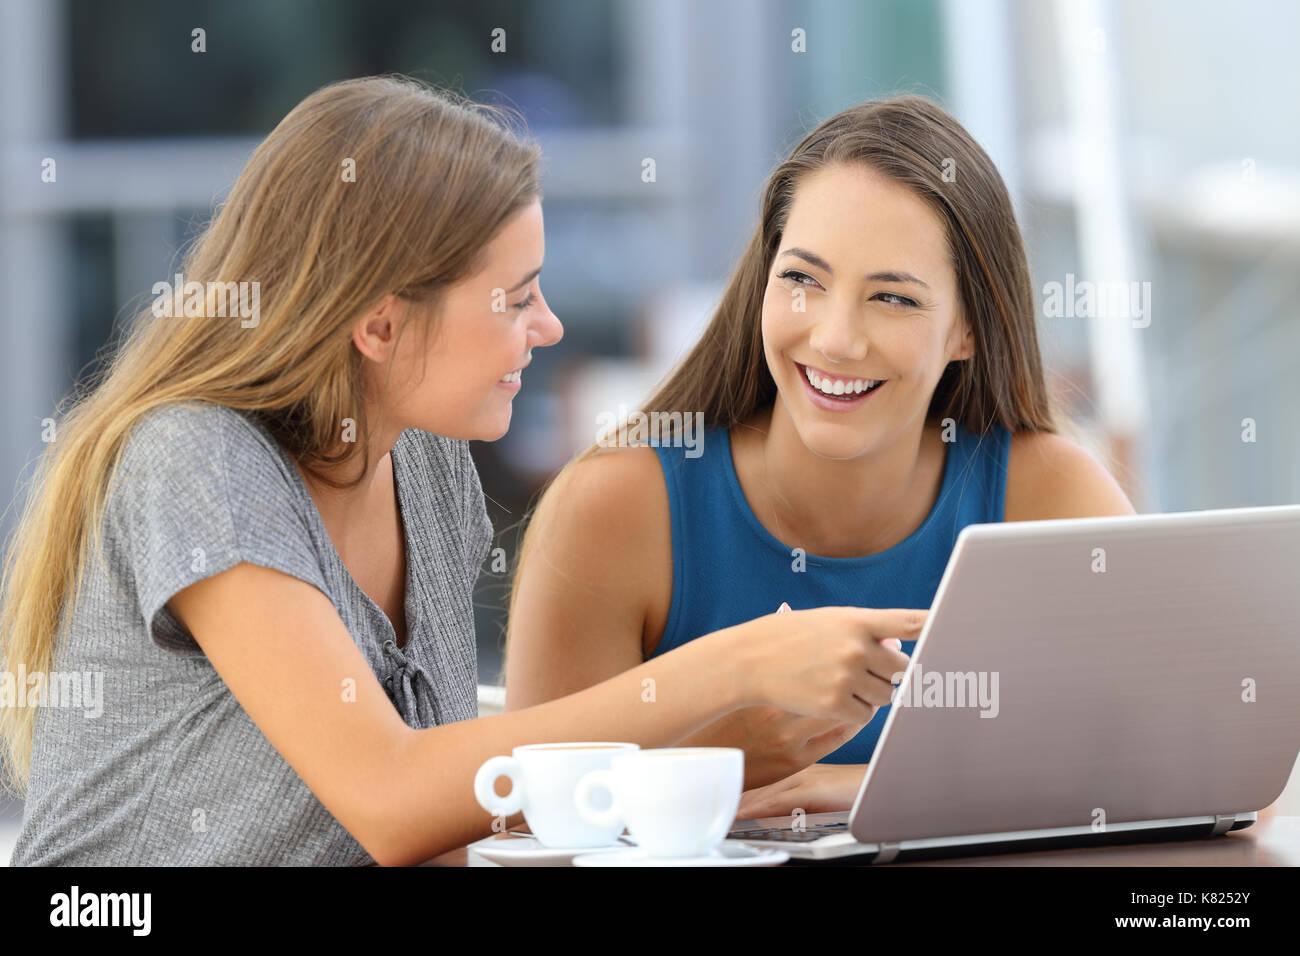 Deux amis heureux de parler de contenu en ligne assis dans un bar terrasse Photo Stock